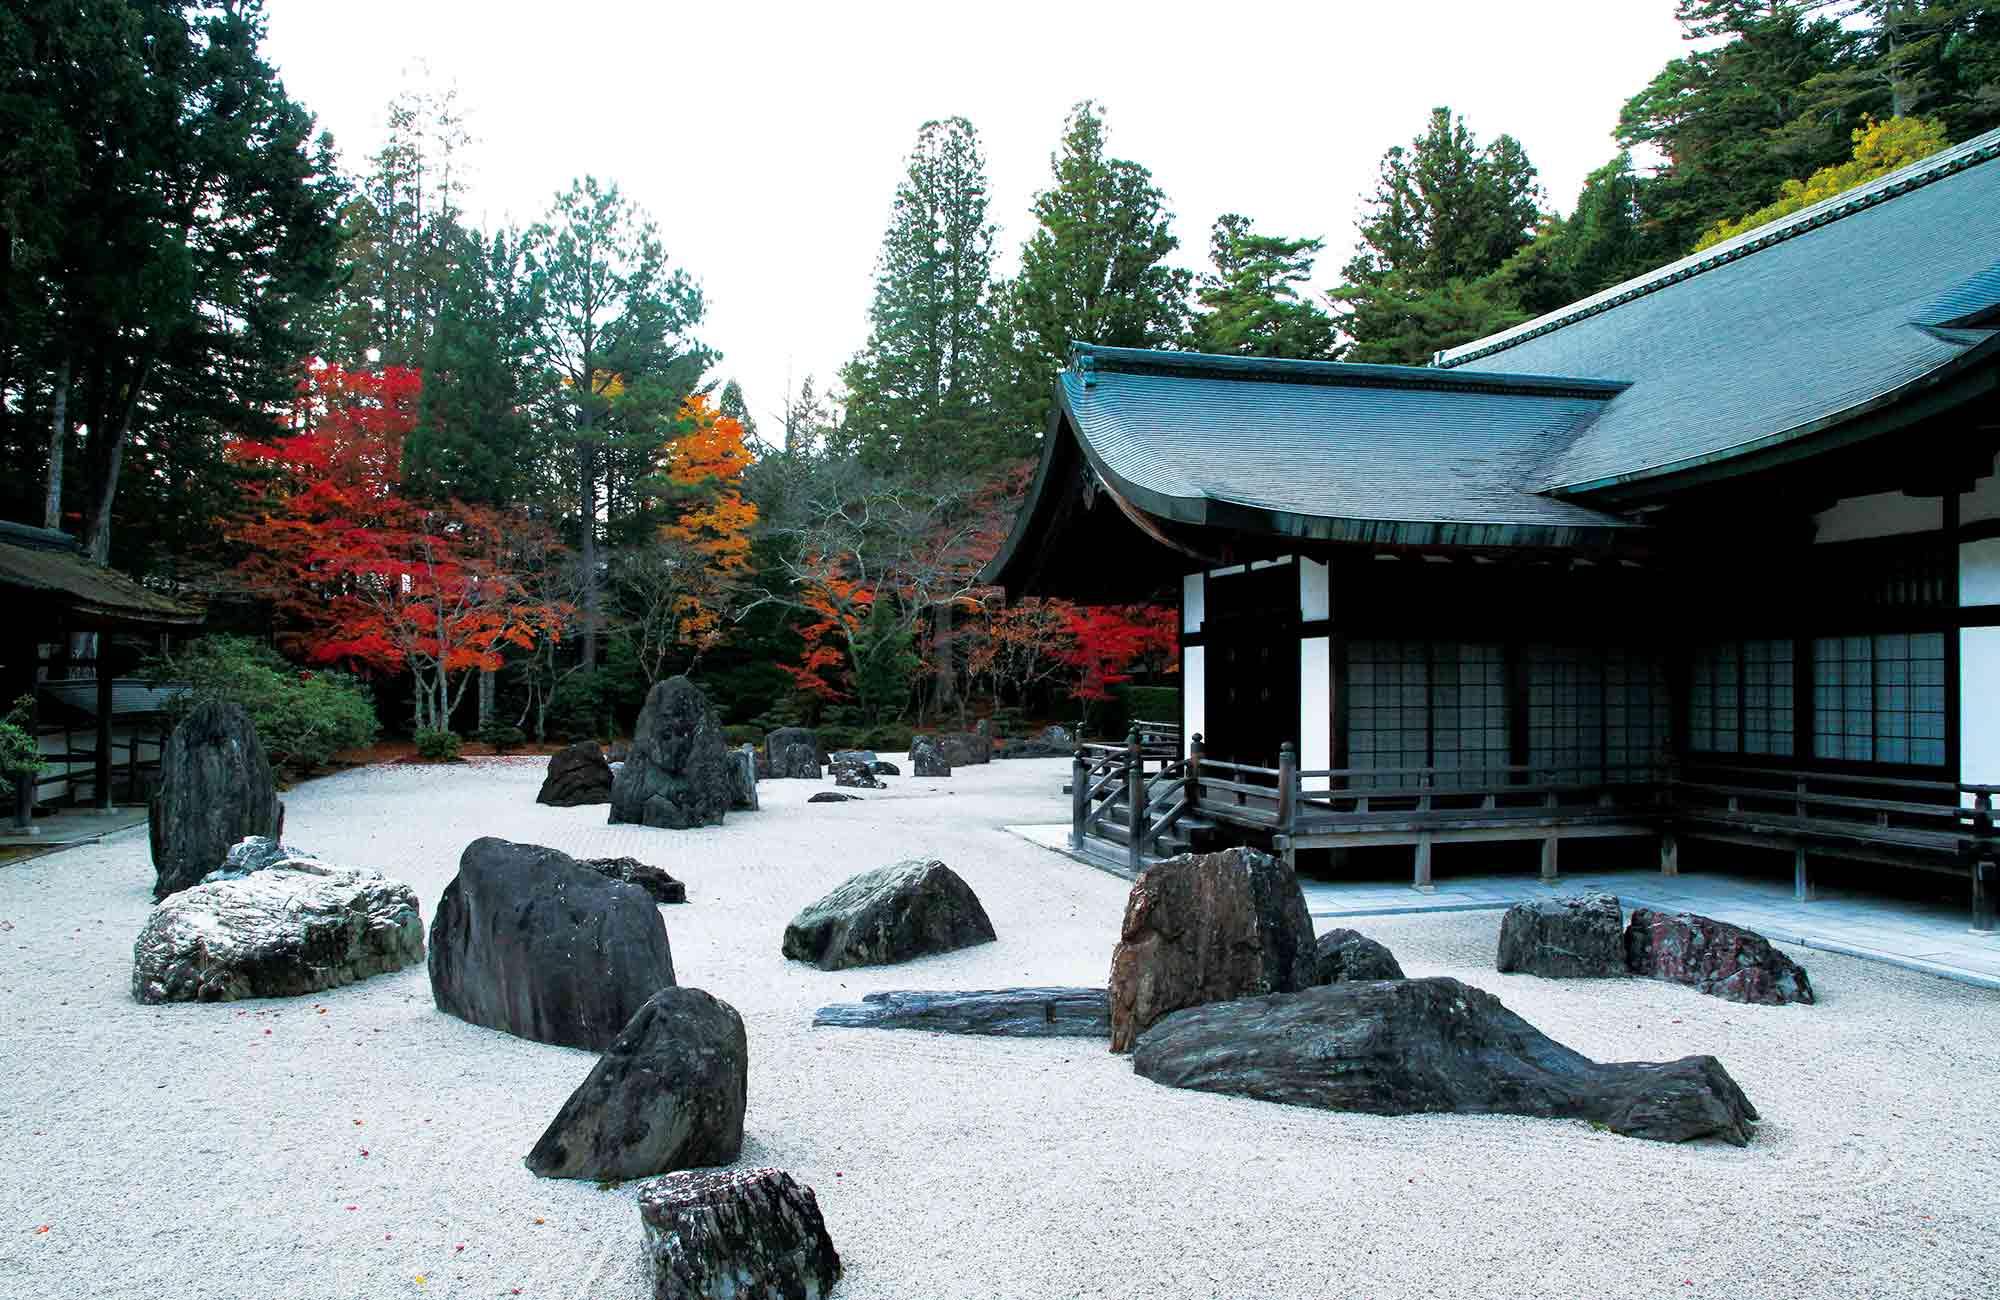 Découvrez l'art de vivre à adopter dans les ryokans, auberges traditionnelles et typiques du Japon.